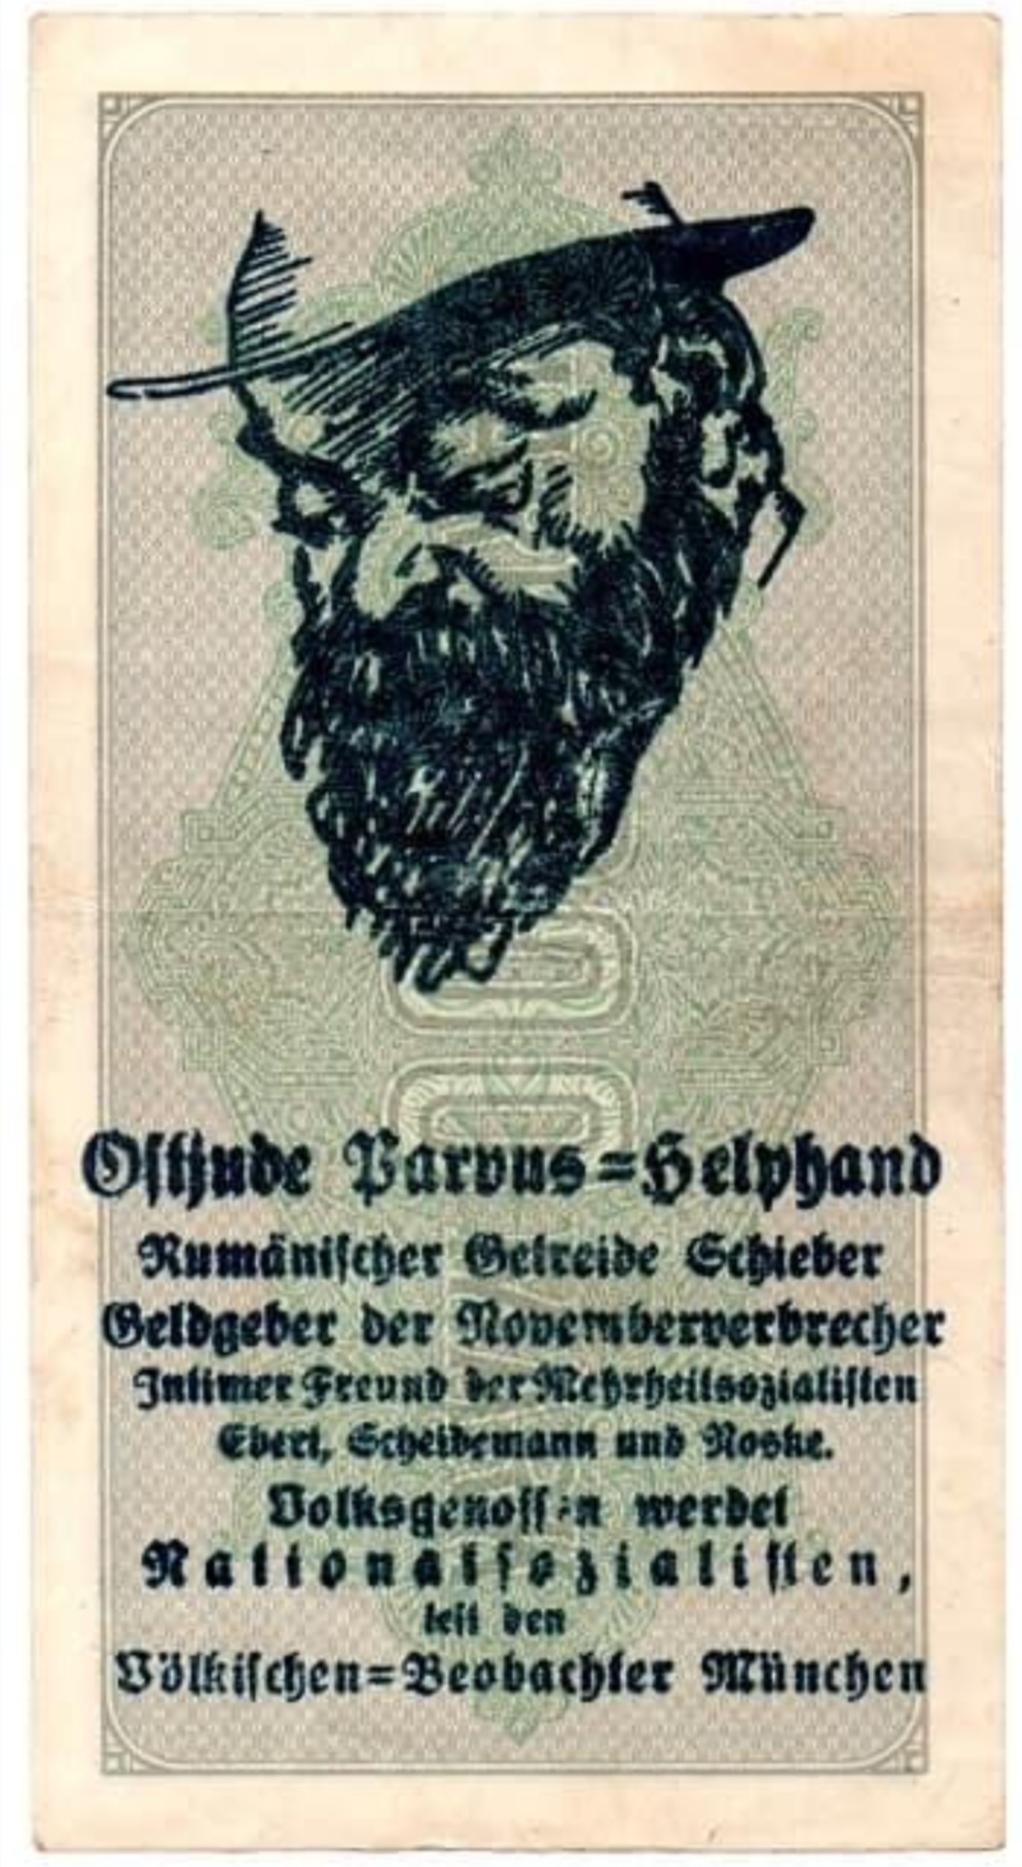 Eine Million Mark 1923 con una sobreimpresión de propaganda virulenta. - Página 2 Screen26